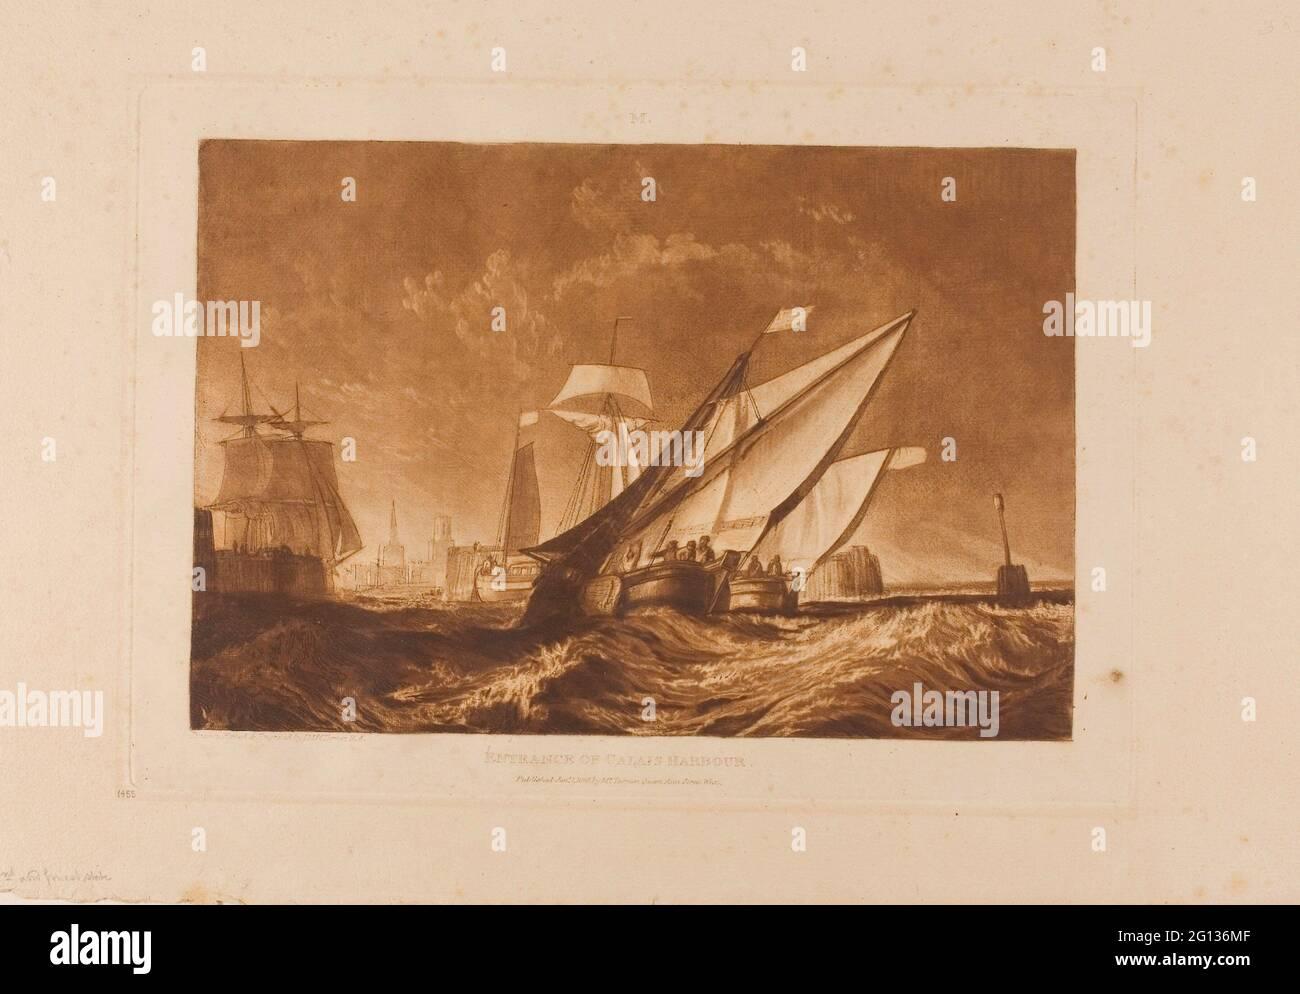 Auteur: Joseph Mallord William Turner. Entrée du port de Calais, planche 55 de Liber Studiorum - publié le 1er janvier 1816 - Joseph Malbord William Banque D'Images